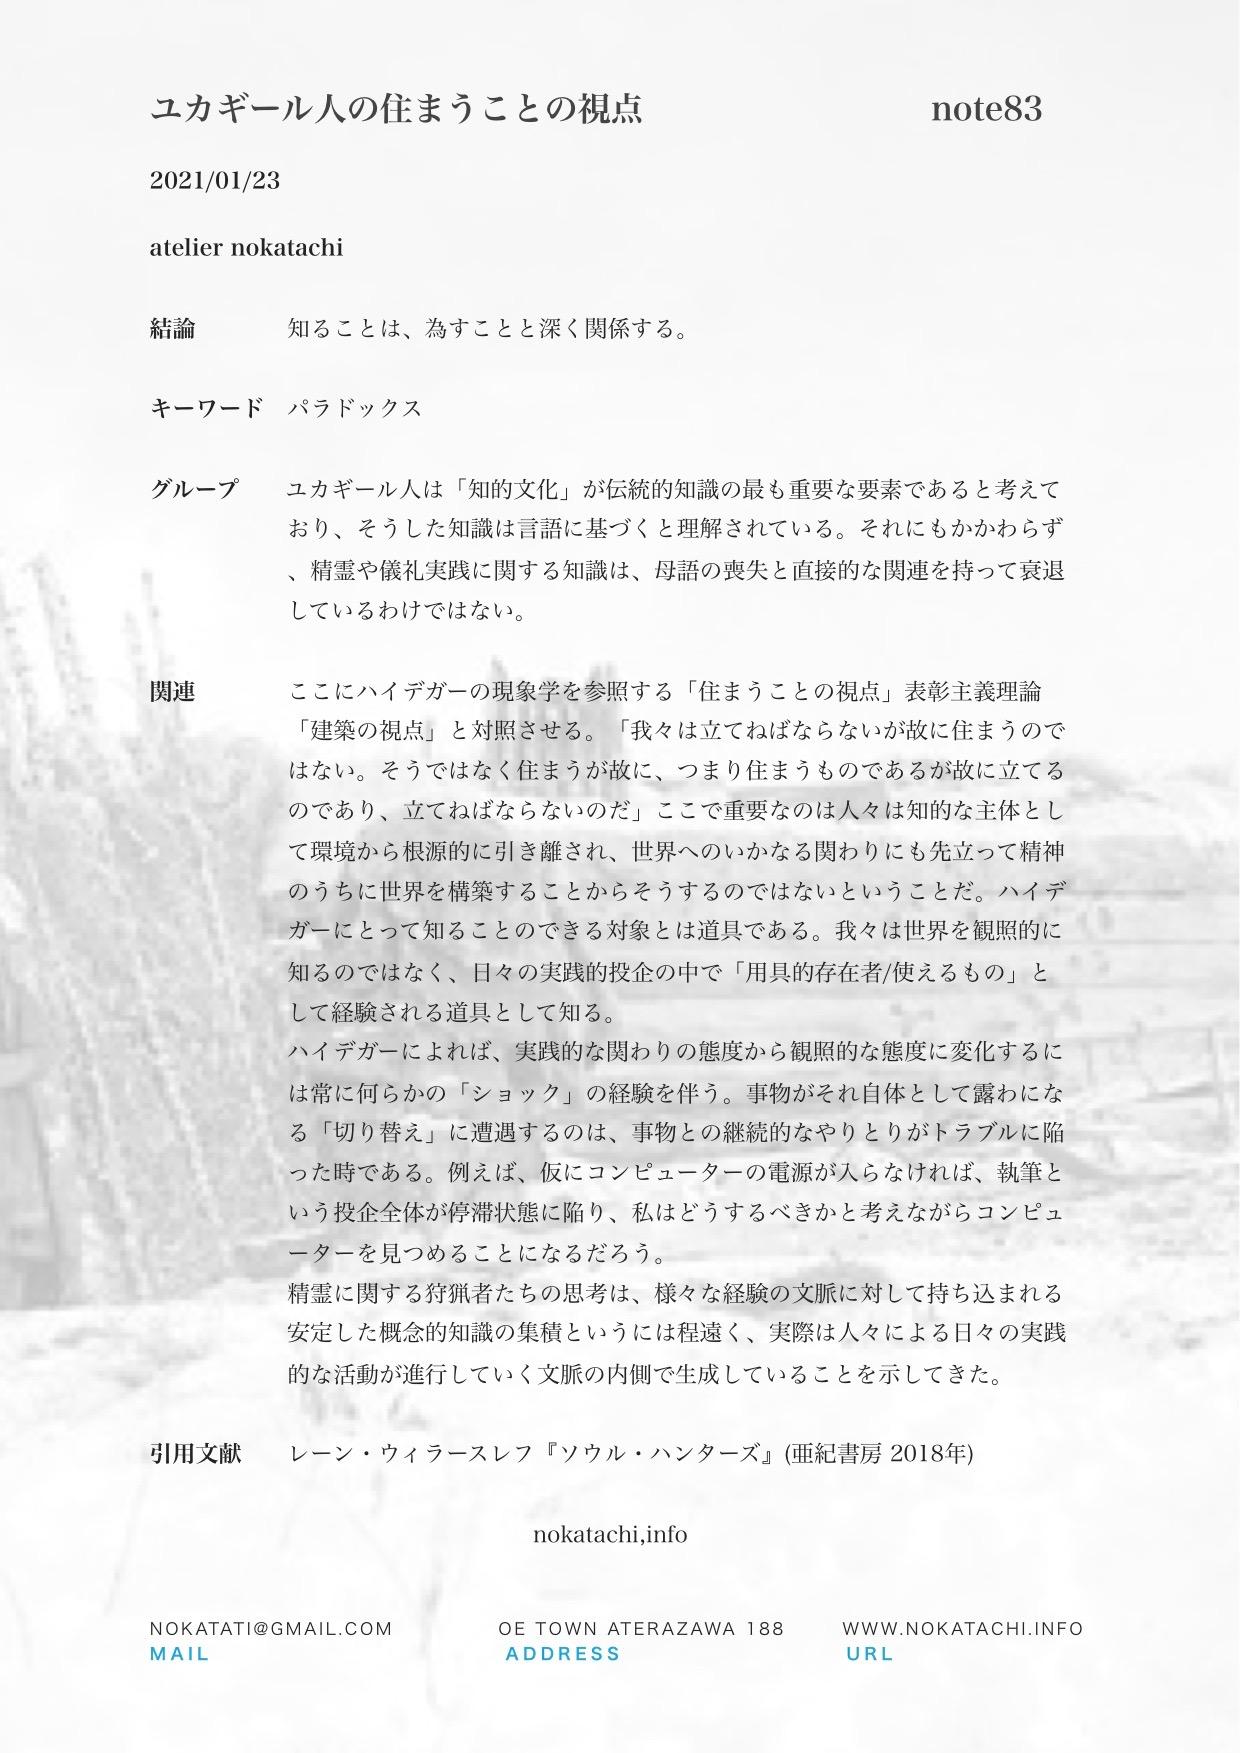 【レポート】ユカギール人の住まうことの視点